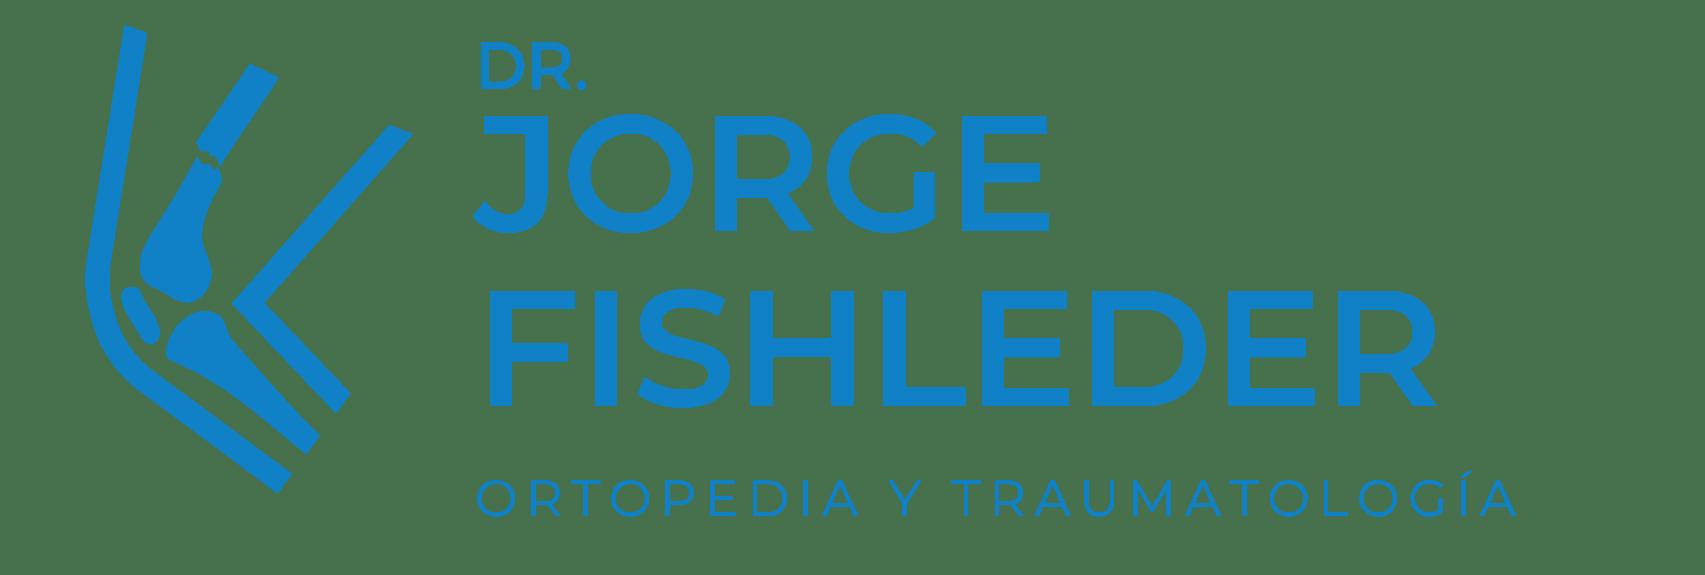 Logo Dr. Jorge Fishleder blue